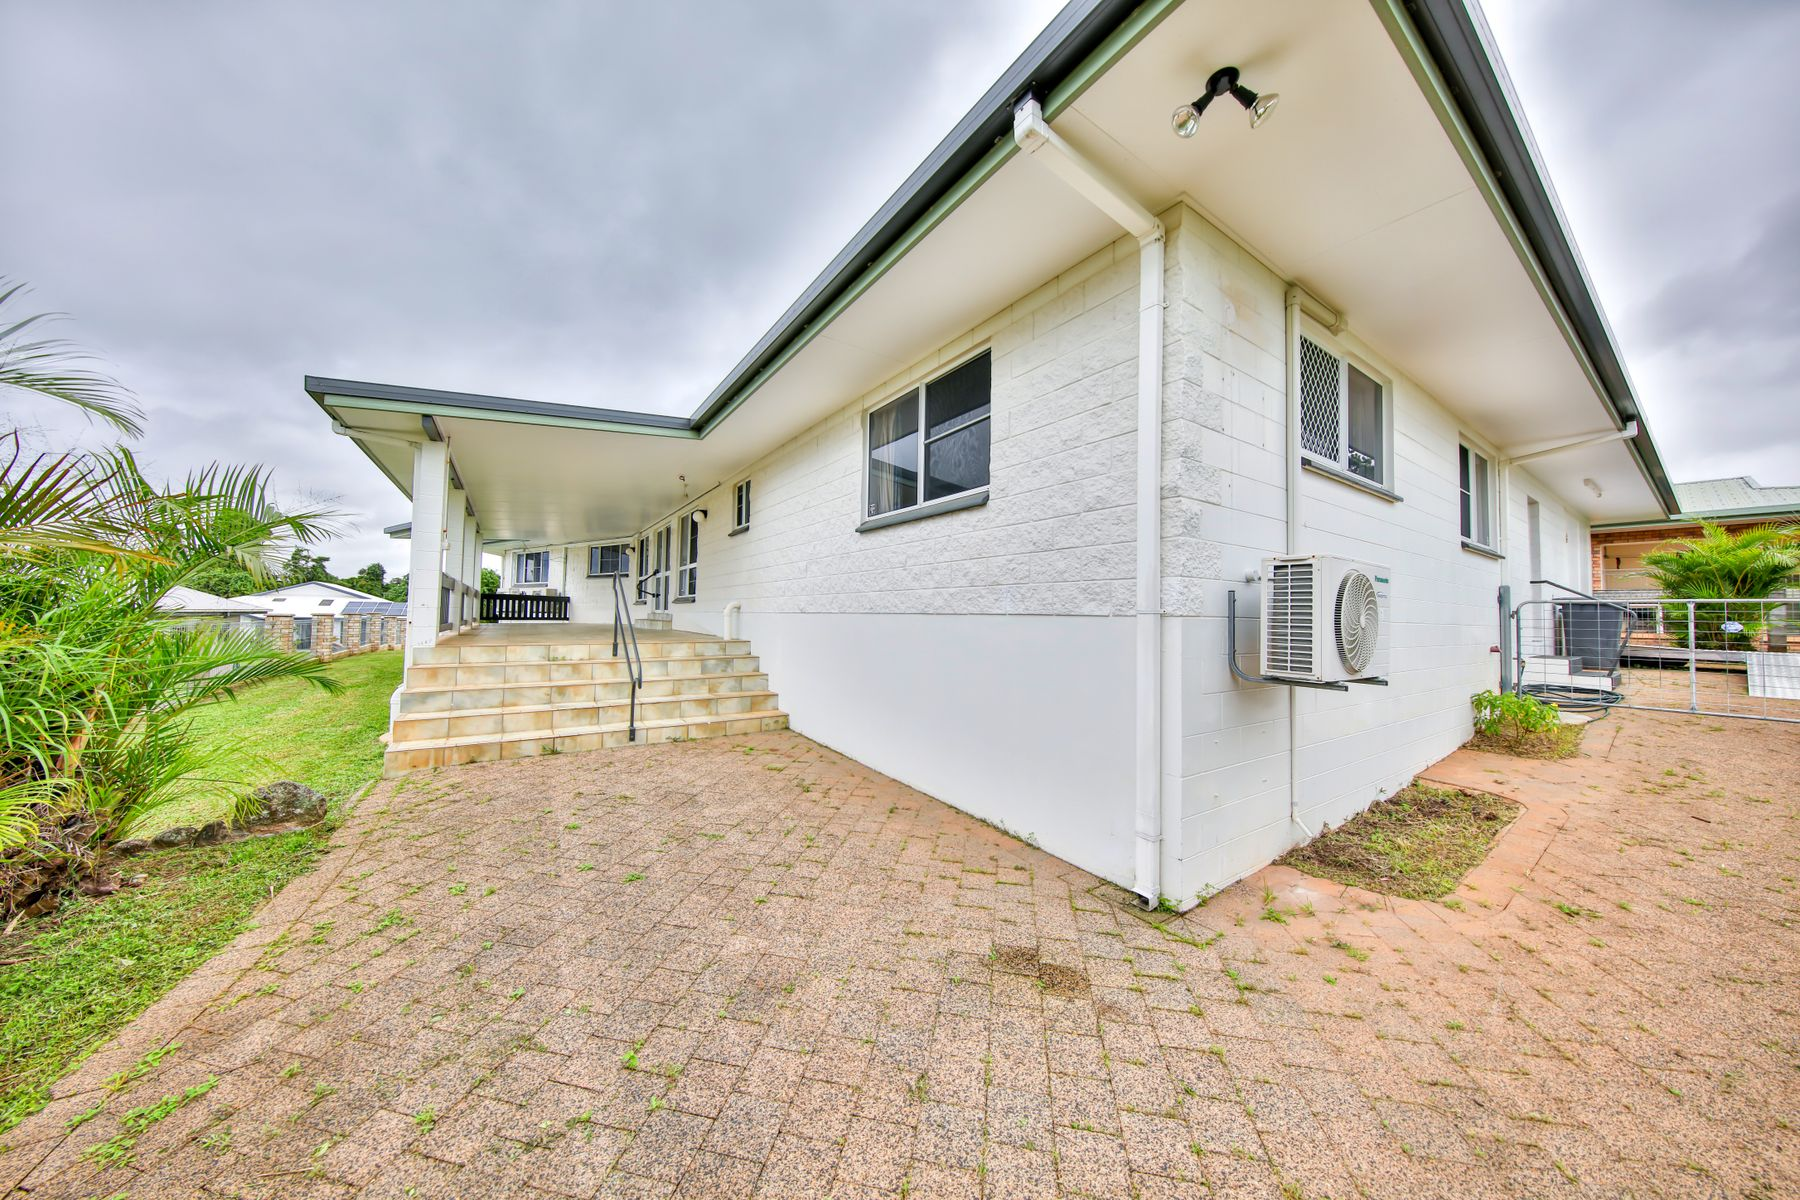 67 Marty Street, East Innisfail, QLD 4860